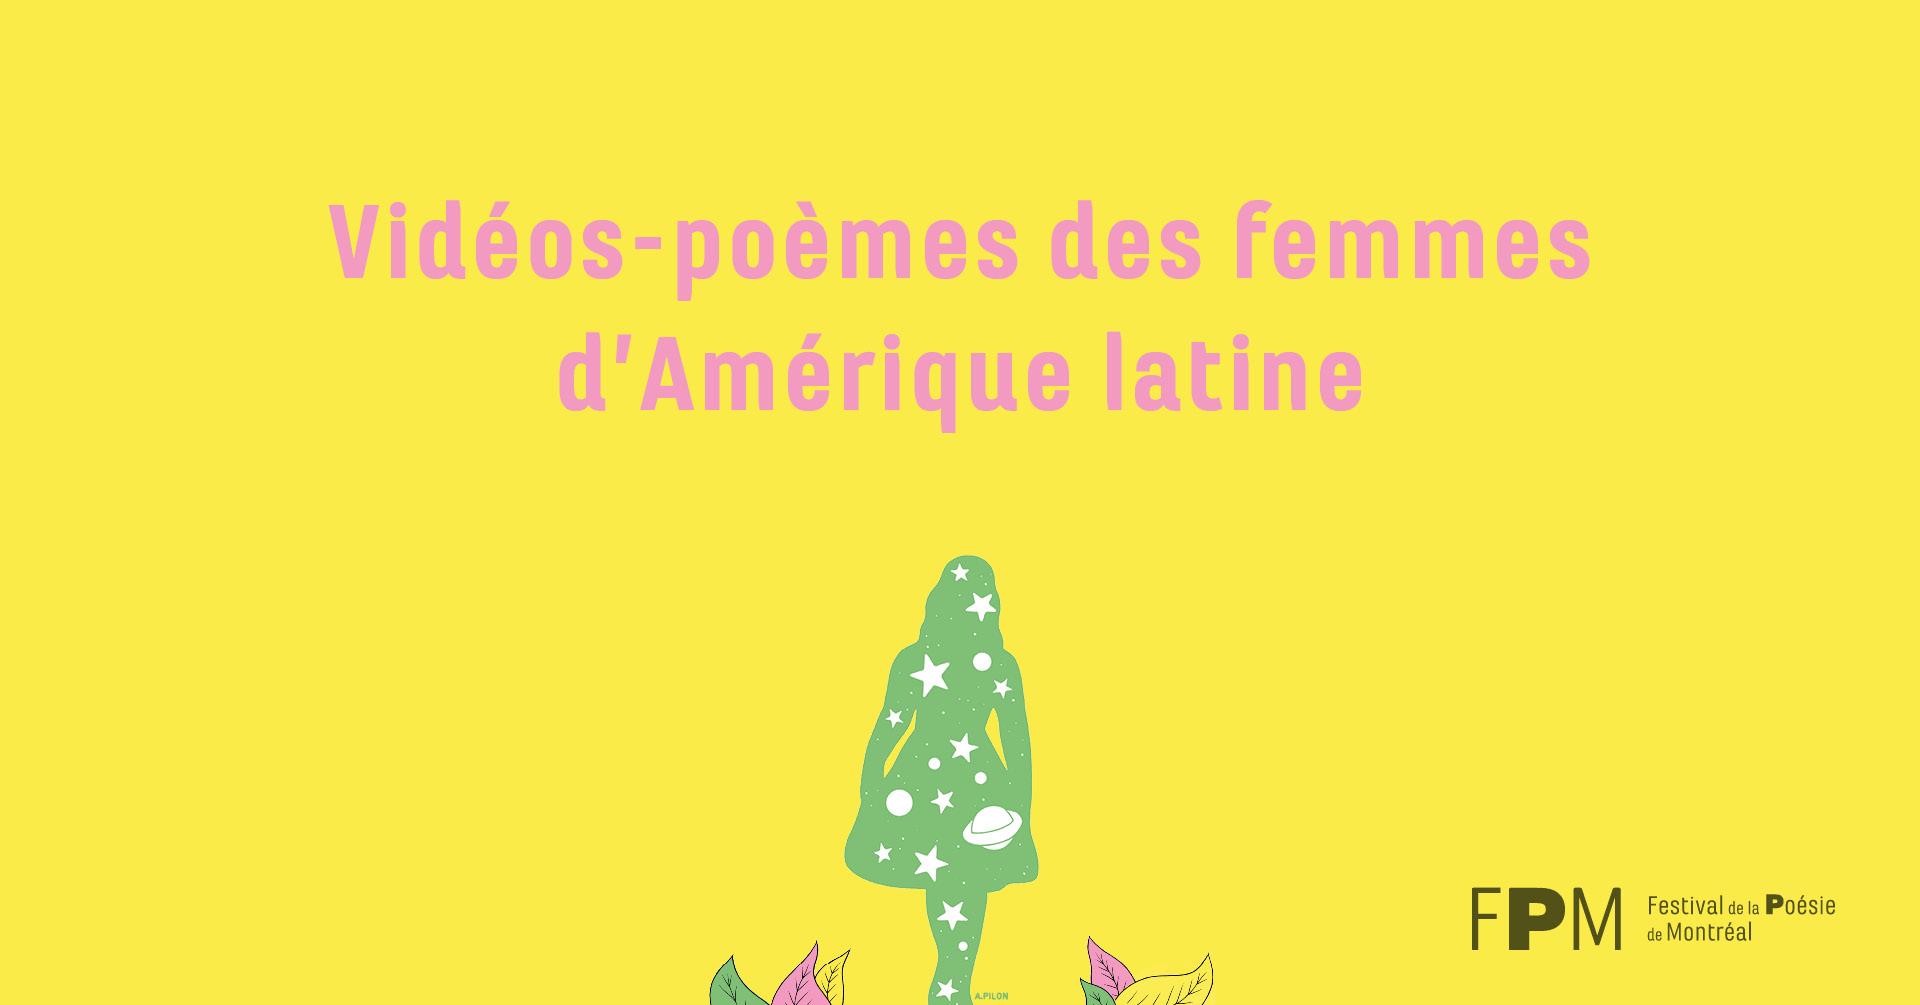 Les femmes poètes d'Amérique latine sont à l'honneur !